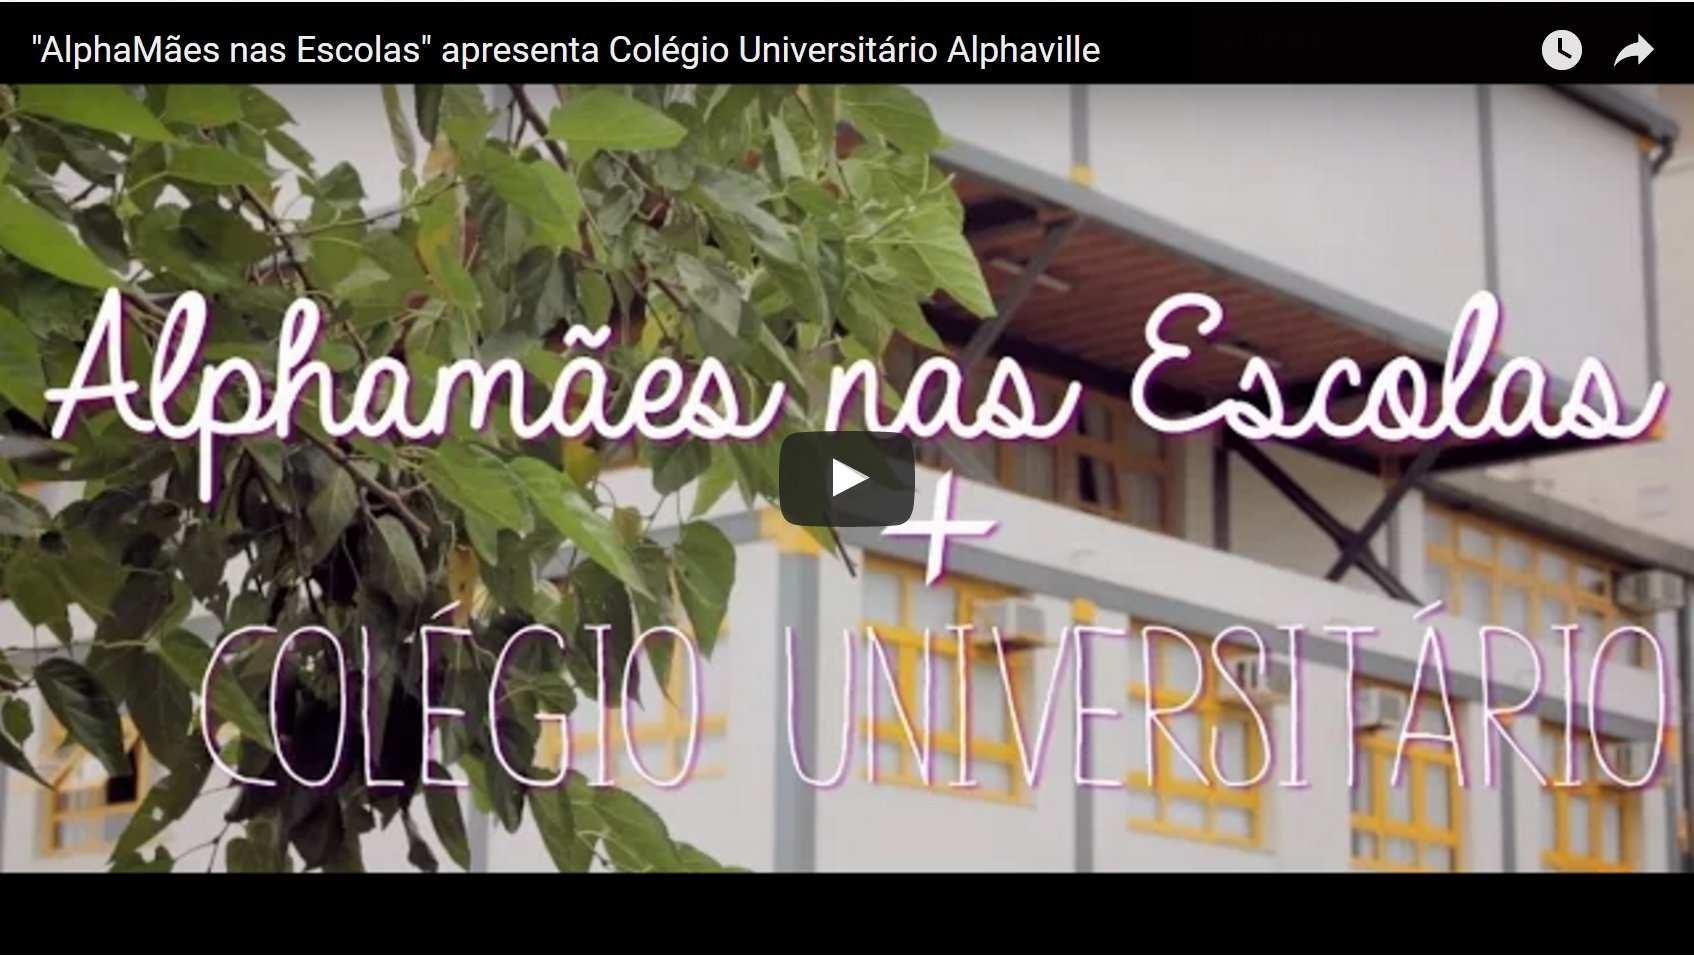 Colégio Universitário quase 30 anos fazendo história em Alphaville